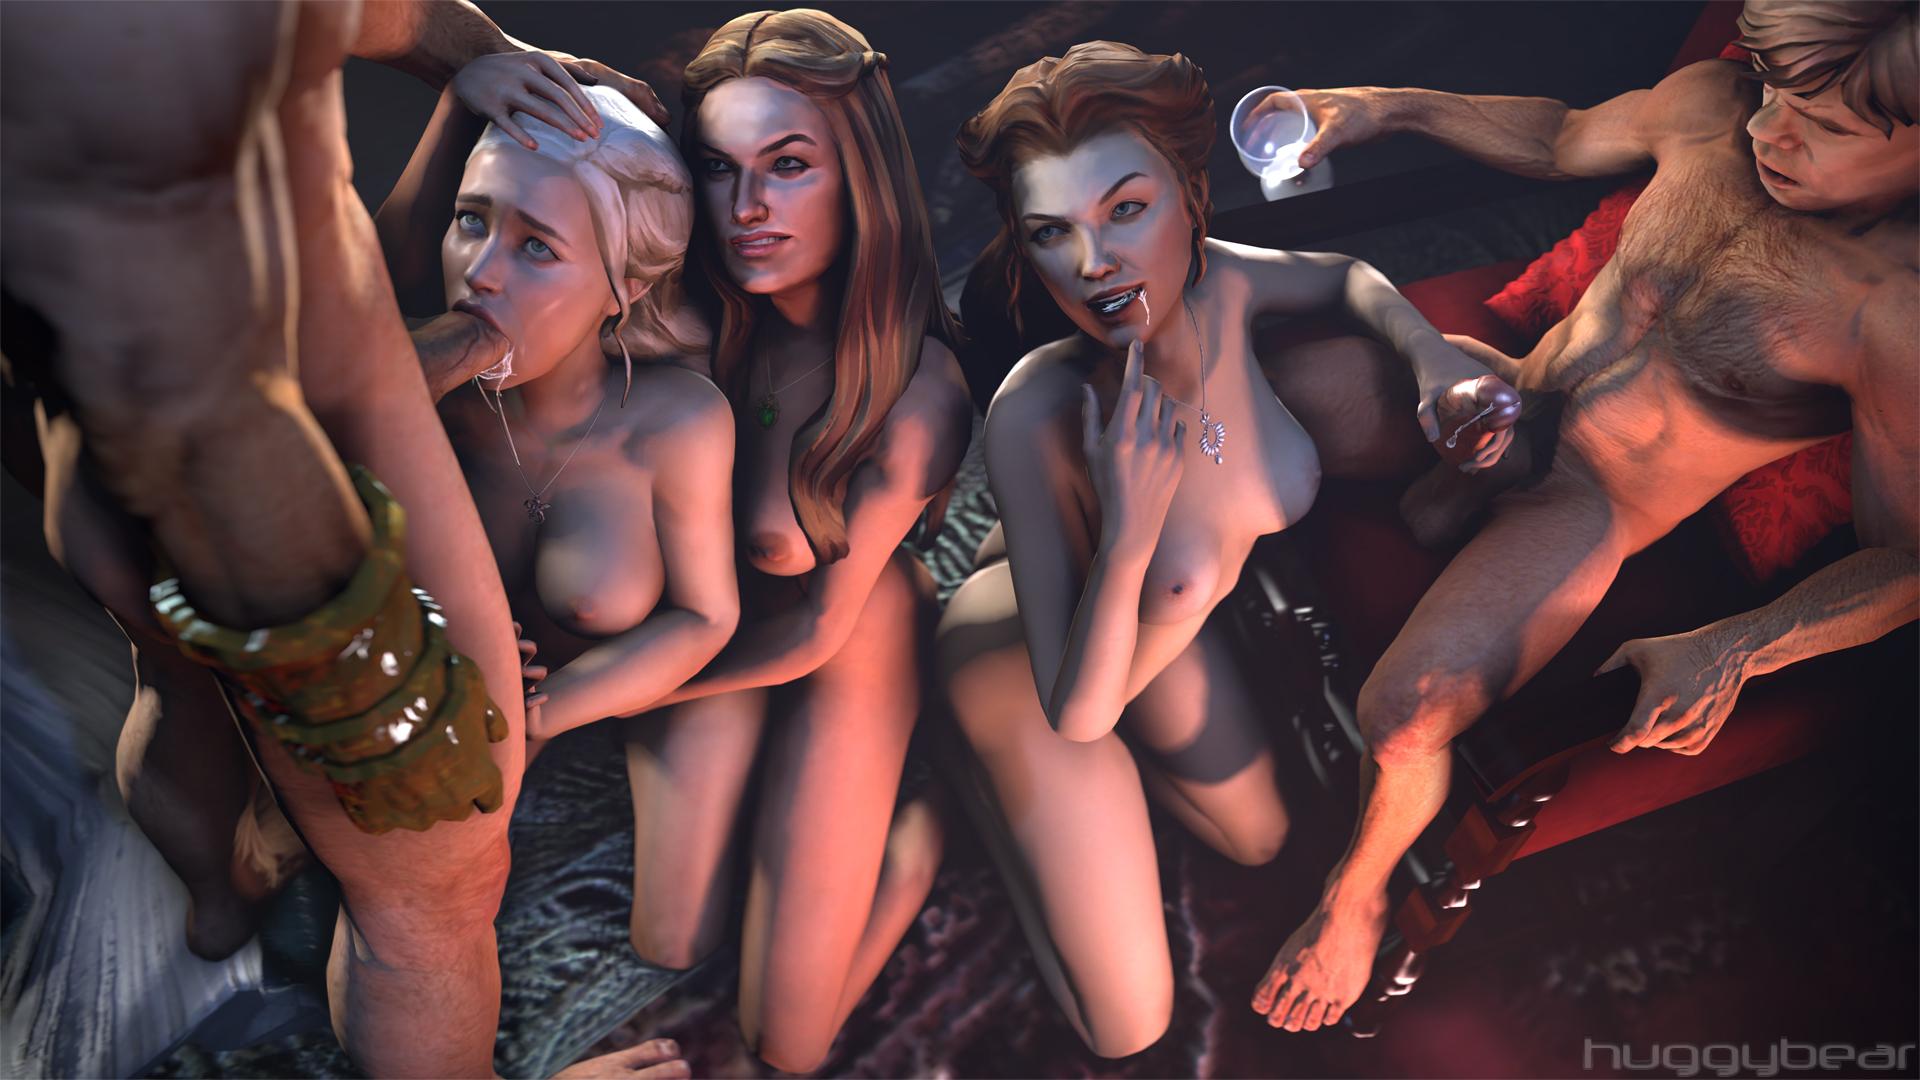 foto-erotika-v-igrah